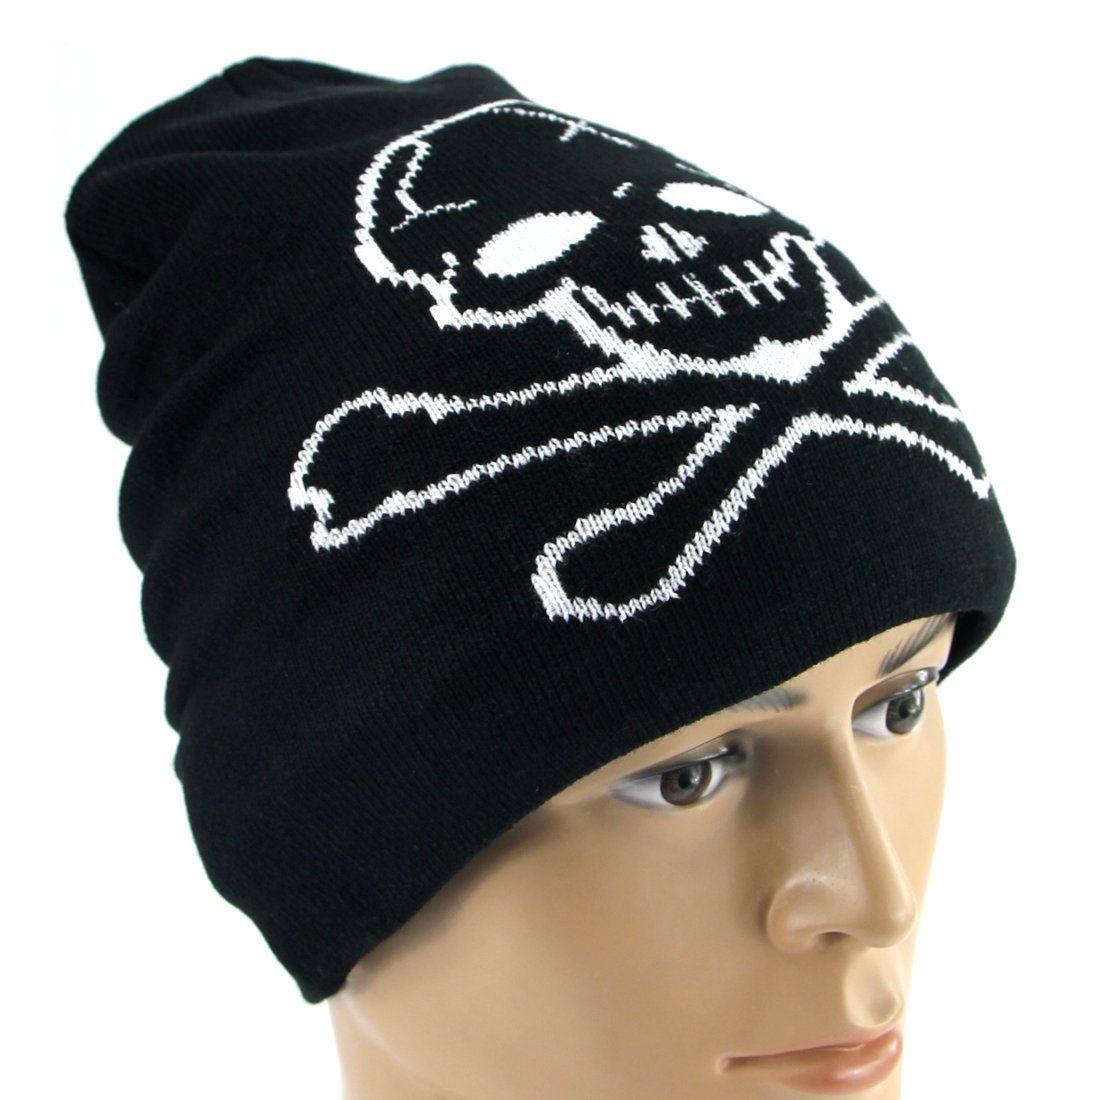 Vakabva Skull and Crossbones Beanie Cap Winter Skull Beanie Caps For Men  Unisex Black Knitted Beanie Hat For Running    Learn more by visiting the  image ... ab4d786705d